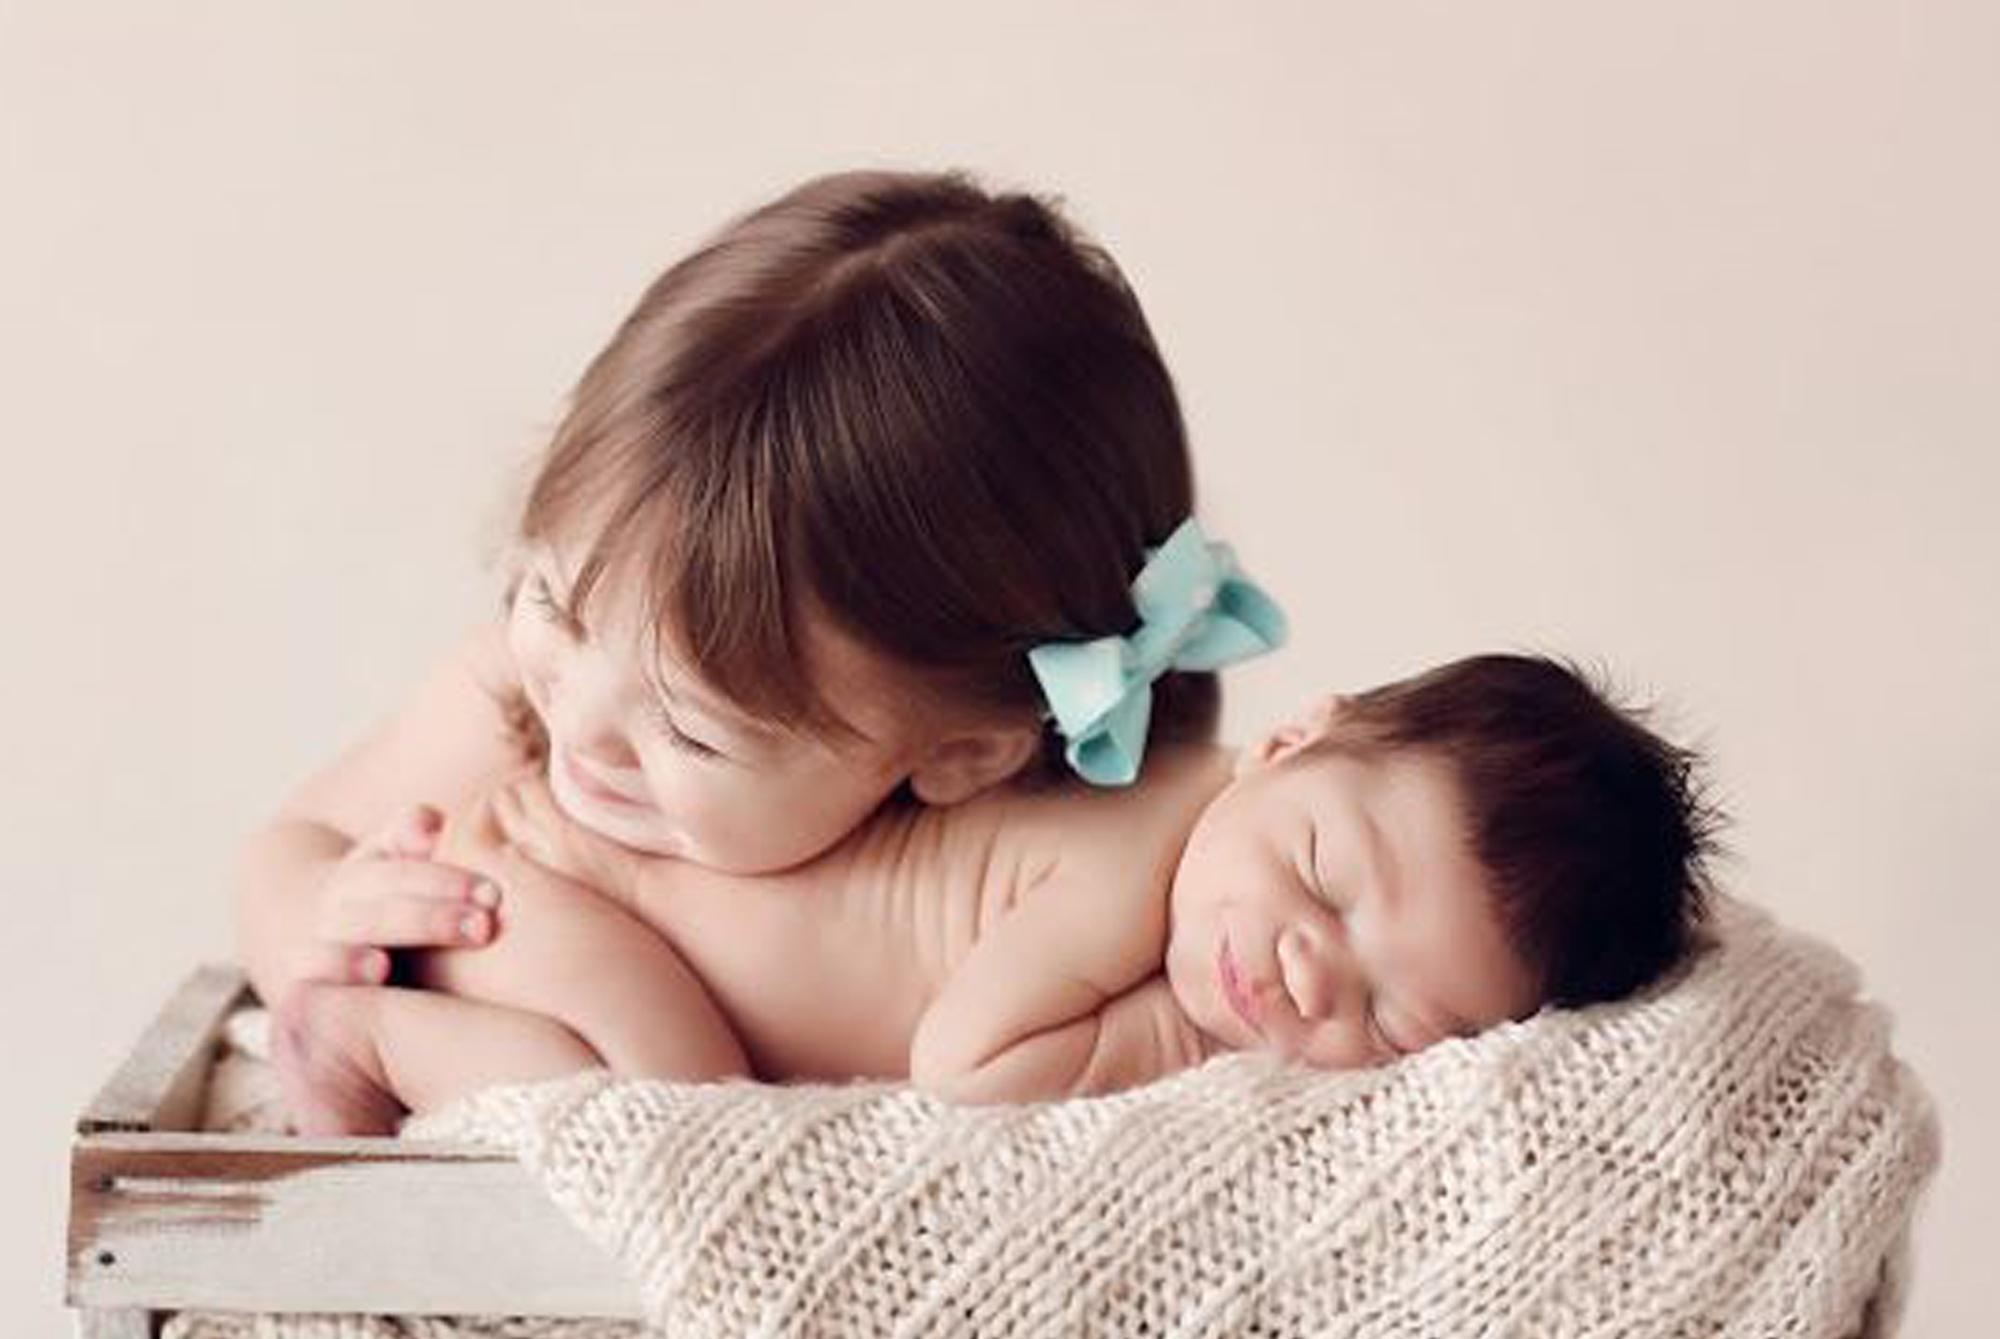 孕妈怀上龙凤胎,拍孕期写真留纪念,却引发早产,孕妇任性不起